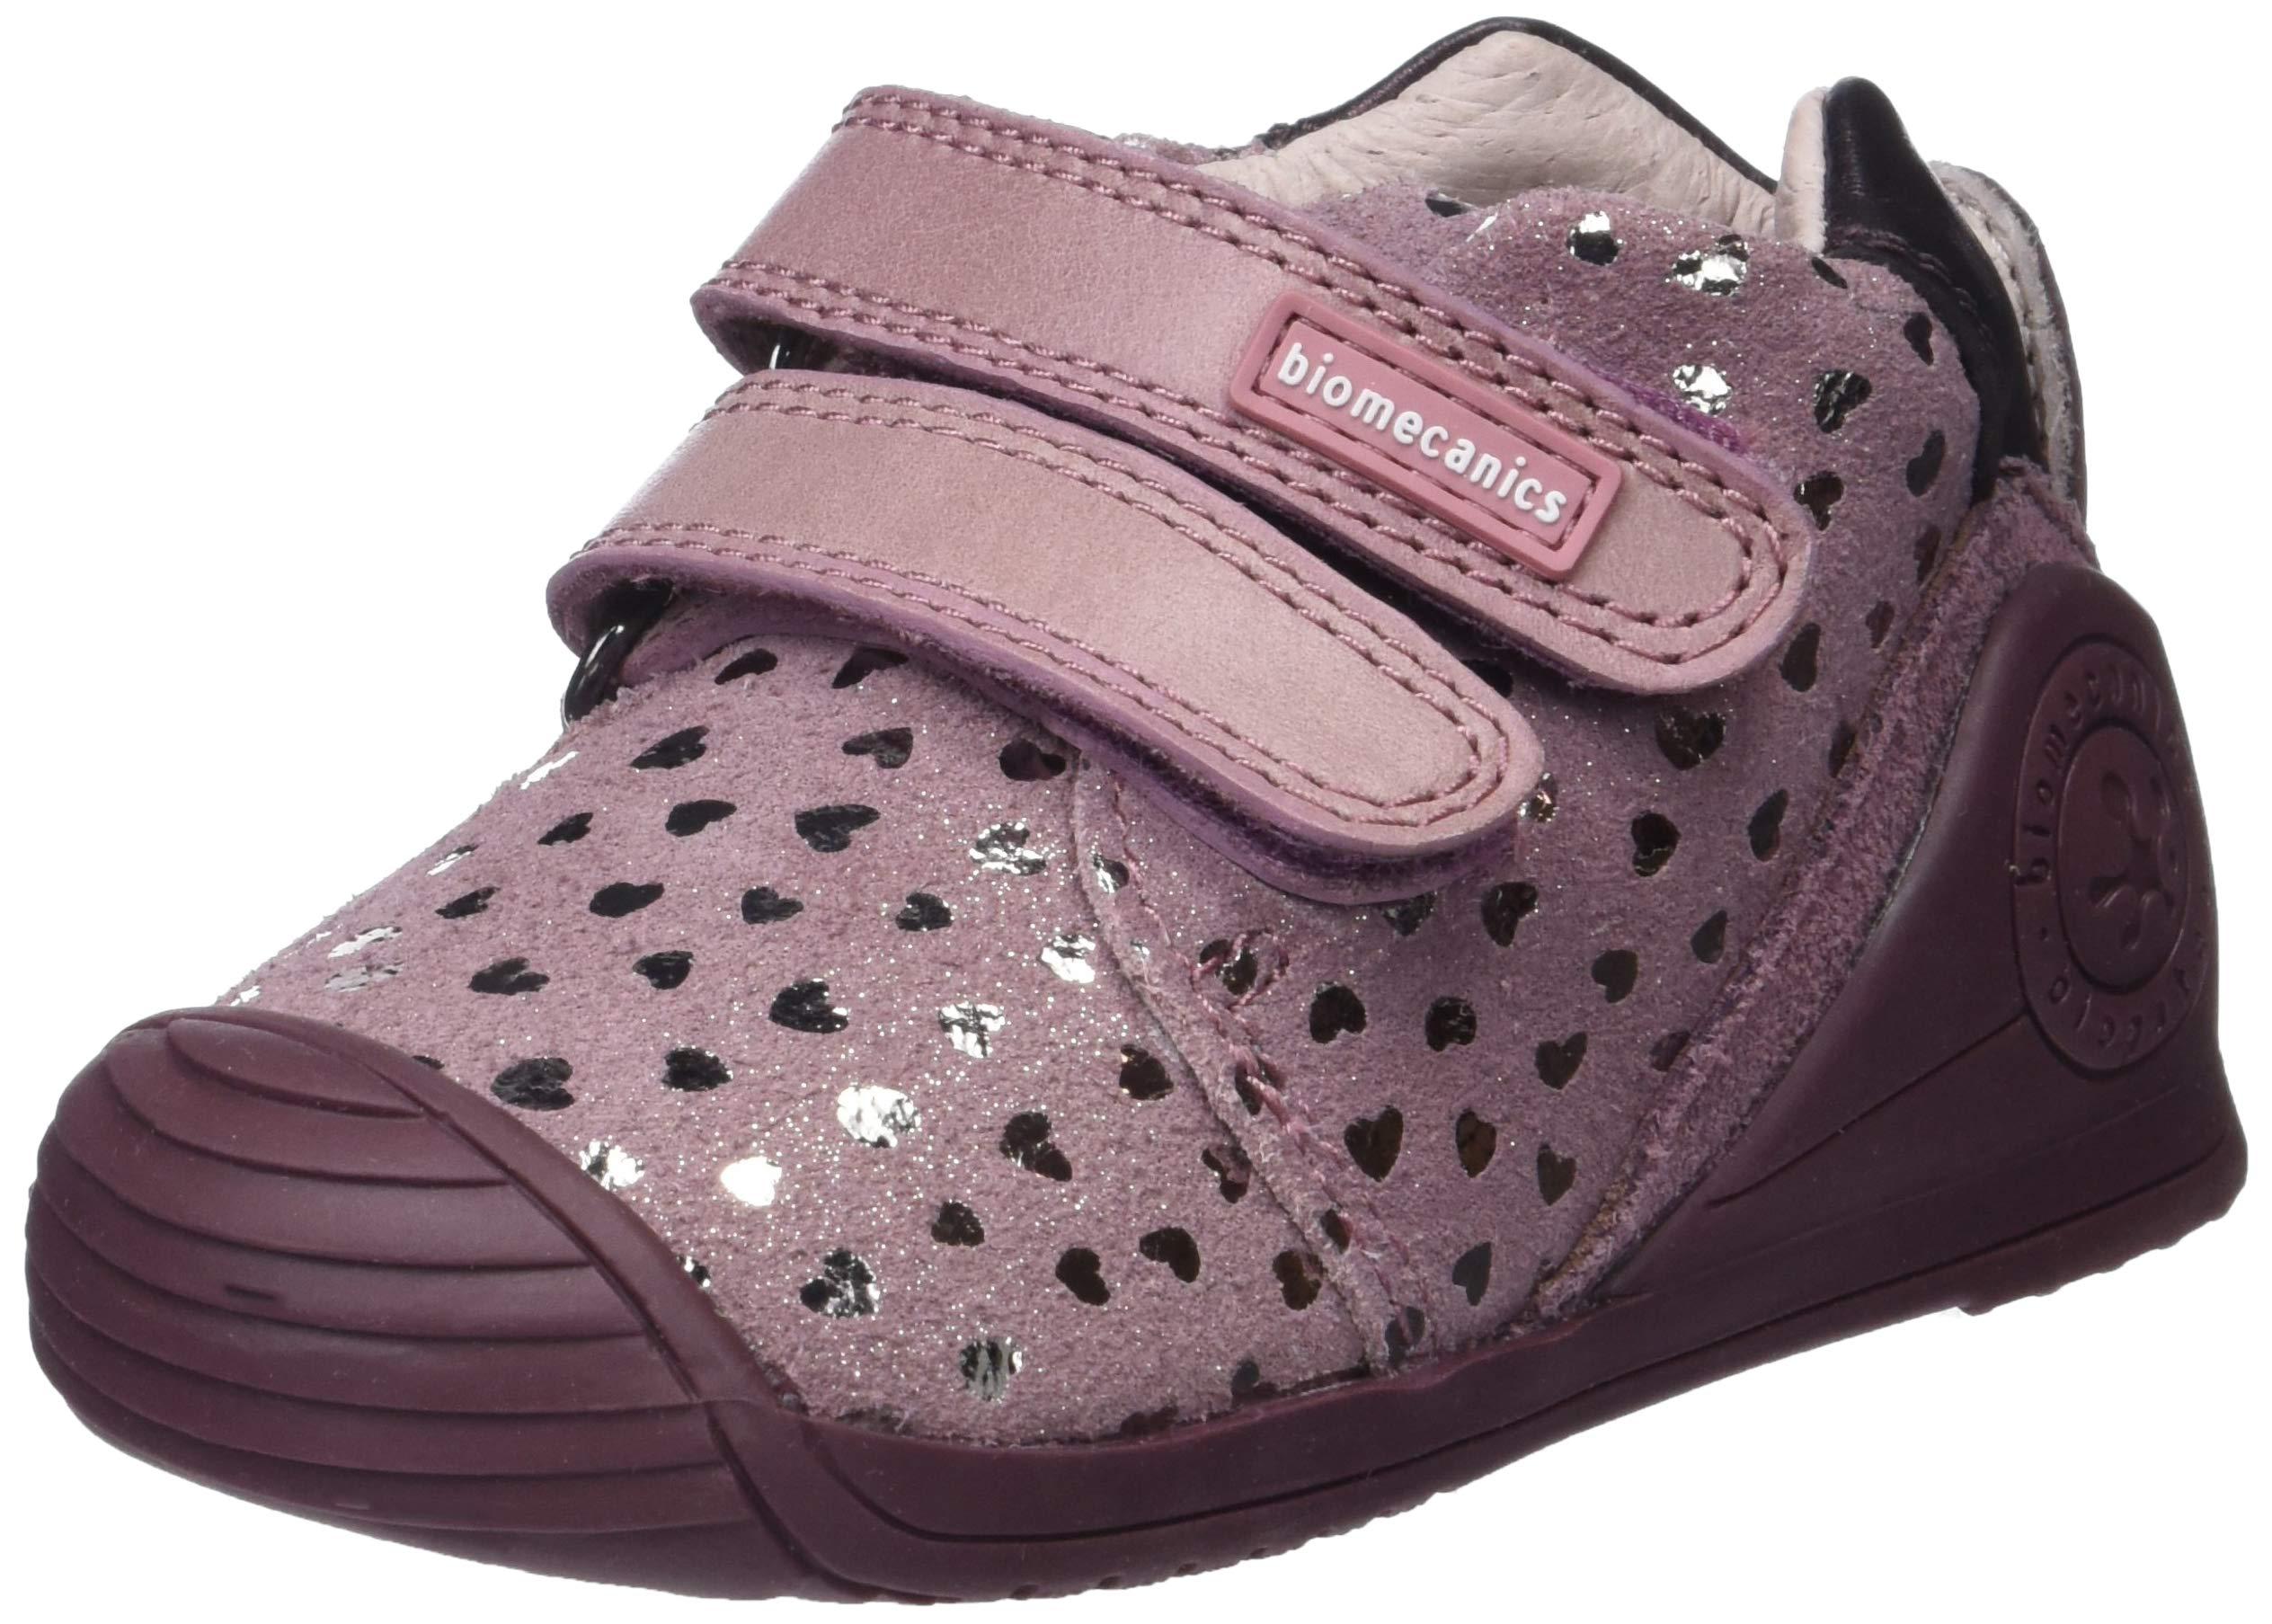 Zapatos De En Mejor Opiniones Niñasamp; Útiles Para Valorados Nuestros CsdthQrx